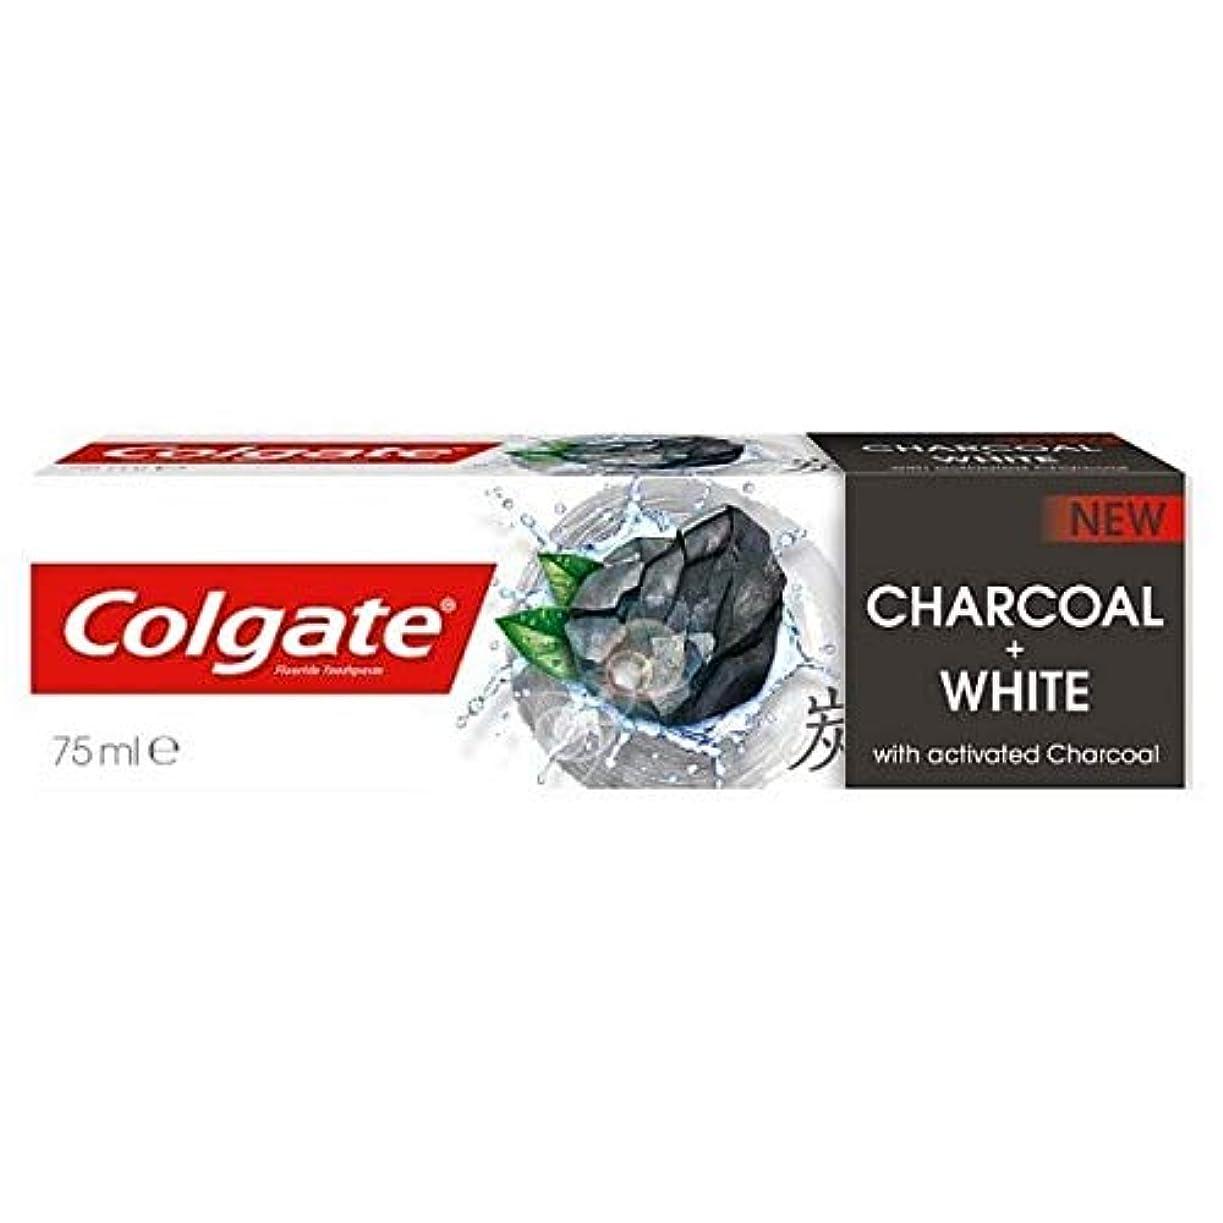 防止エラーコスチューム[Colgate ] コルゲート歯磨きナチュラルチャコール75ミリリットル - Colgate Toothpaste Naturals Charcoal 75ml [並行輸入品]